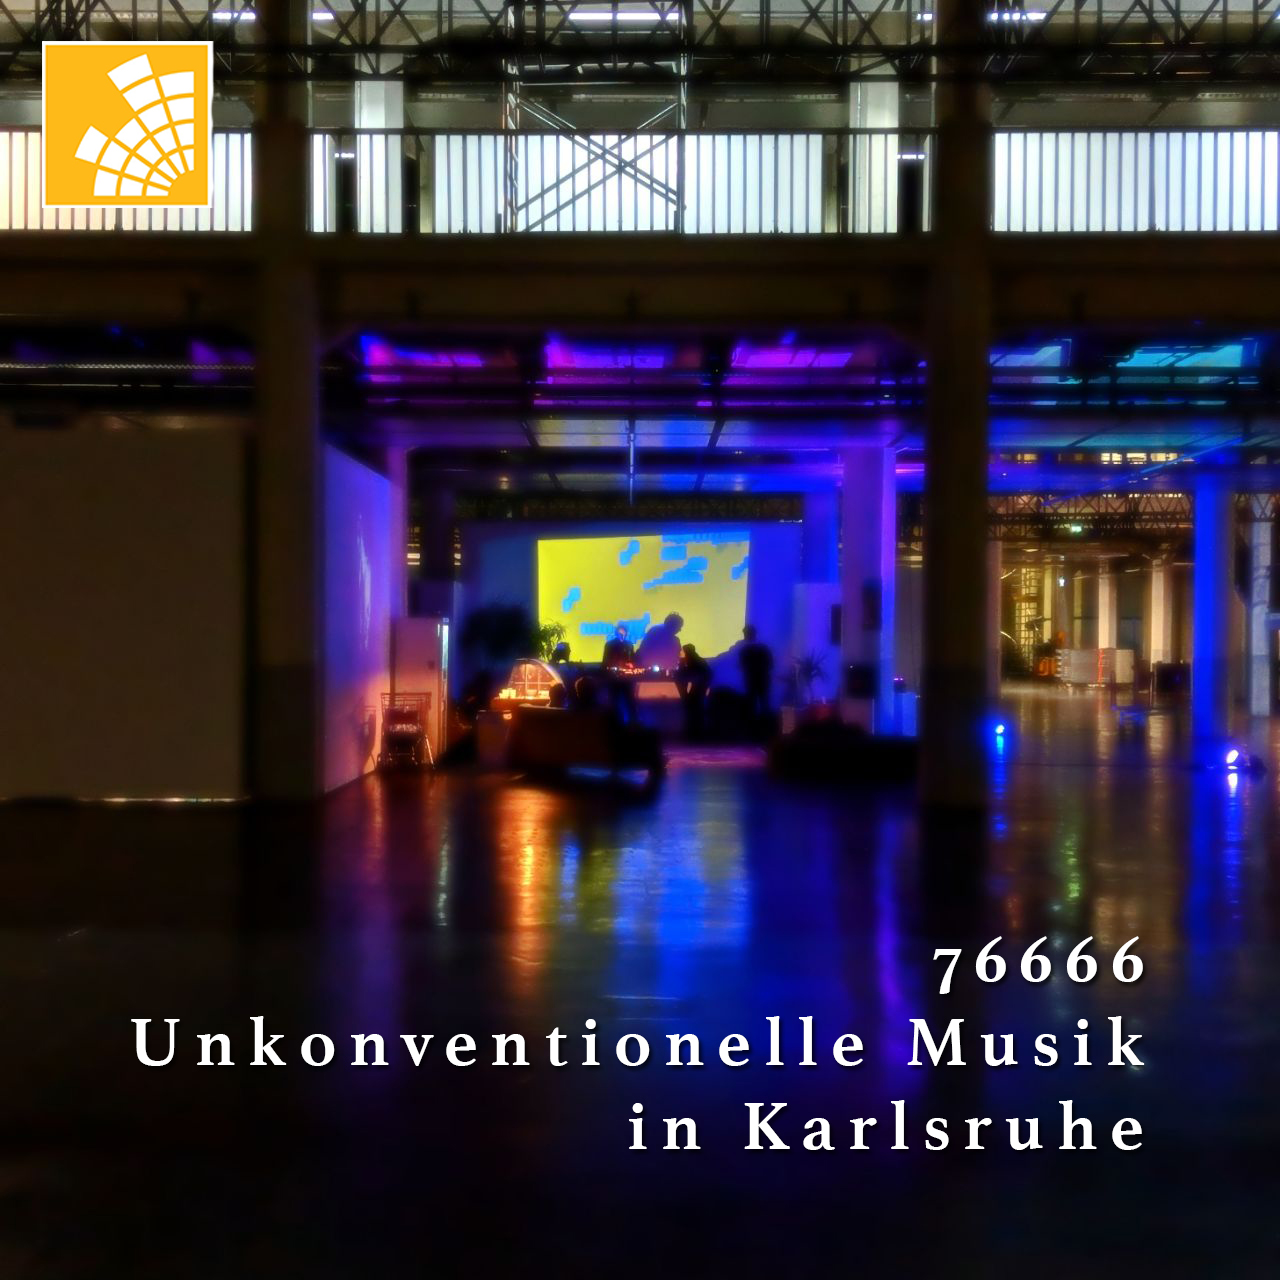 Eine Gruppe von Menschen in einer farbig beleuchteter Halle